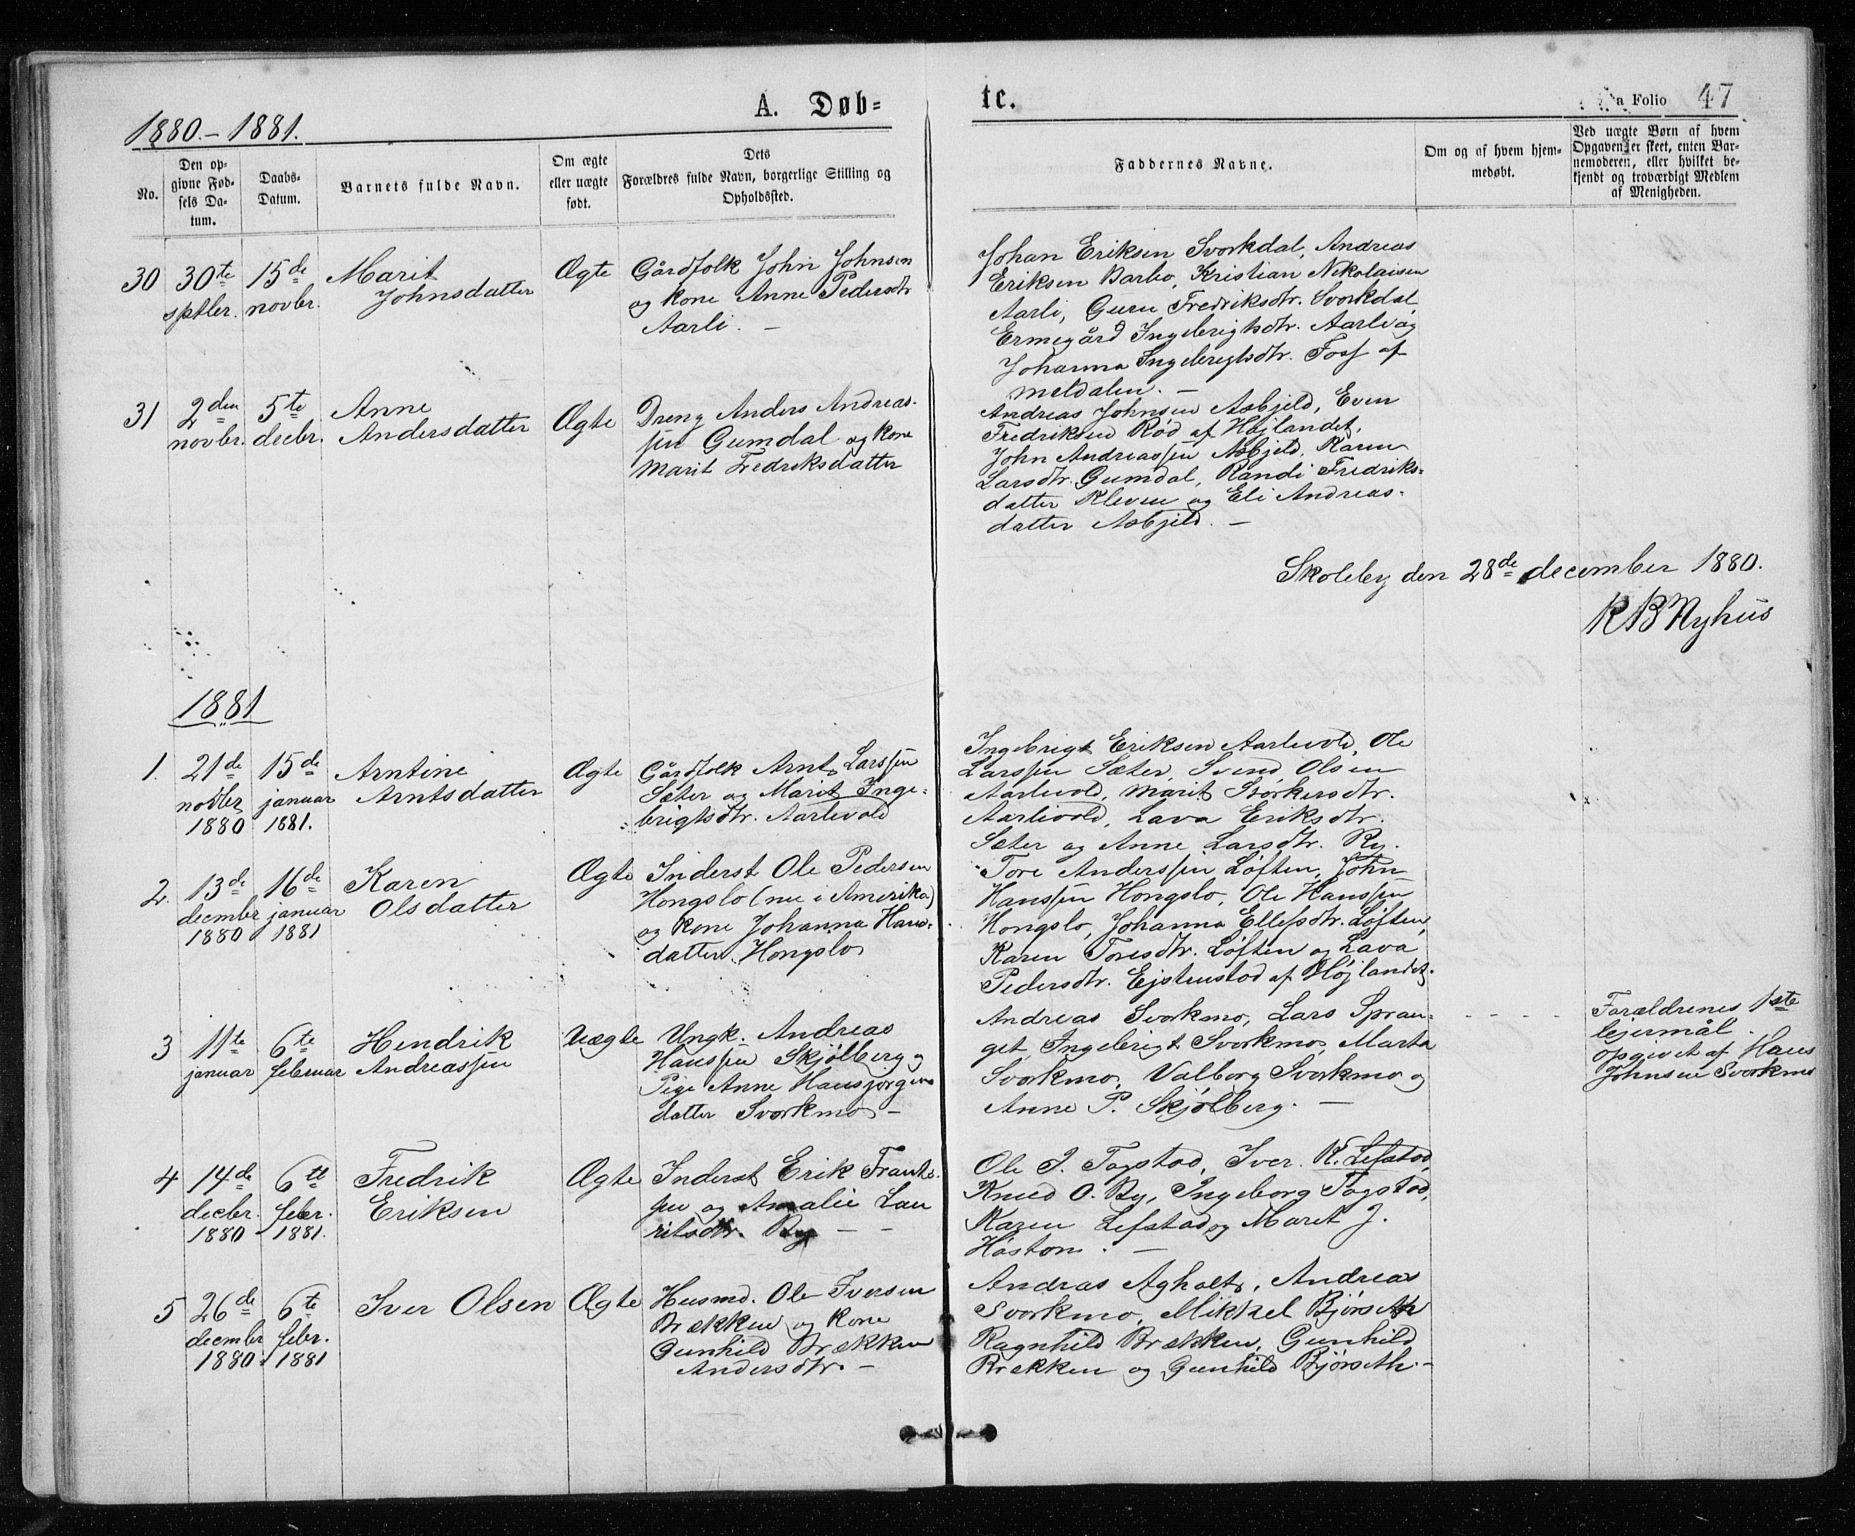 SAT, Ministerialprotokoller, klokkerbøker og fødselsregistre - Sør-Trøndelag, 671/L0843: Klokkerbok nr. 671C02, 1873-1892, s. 47